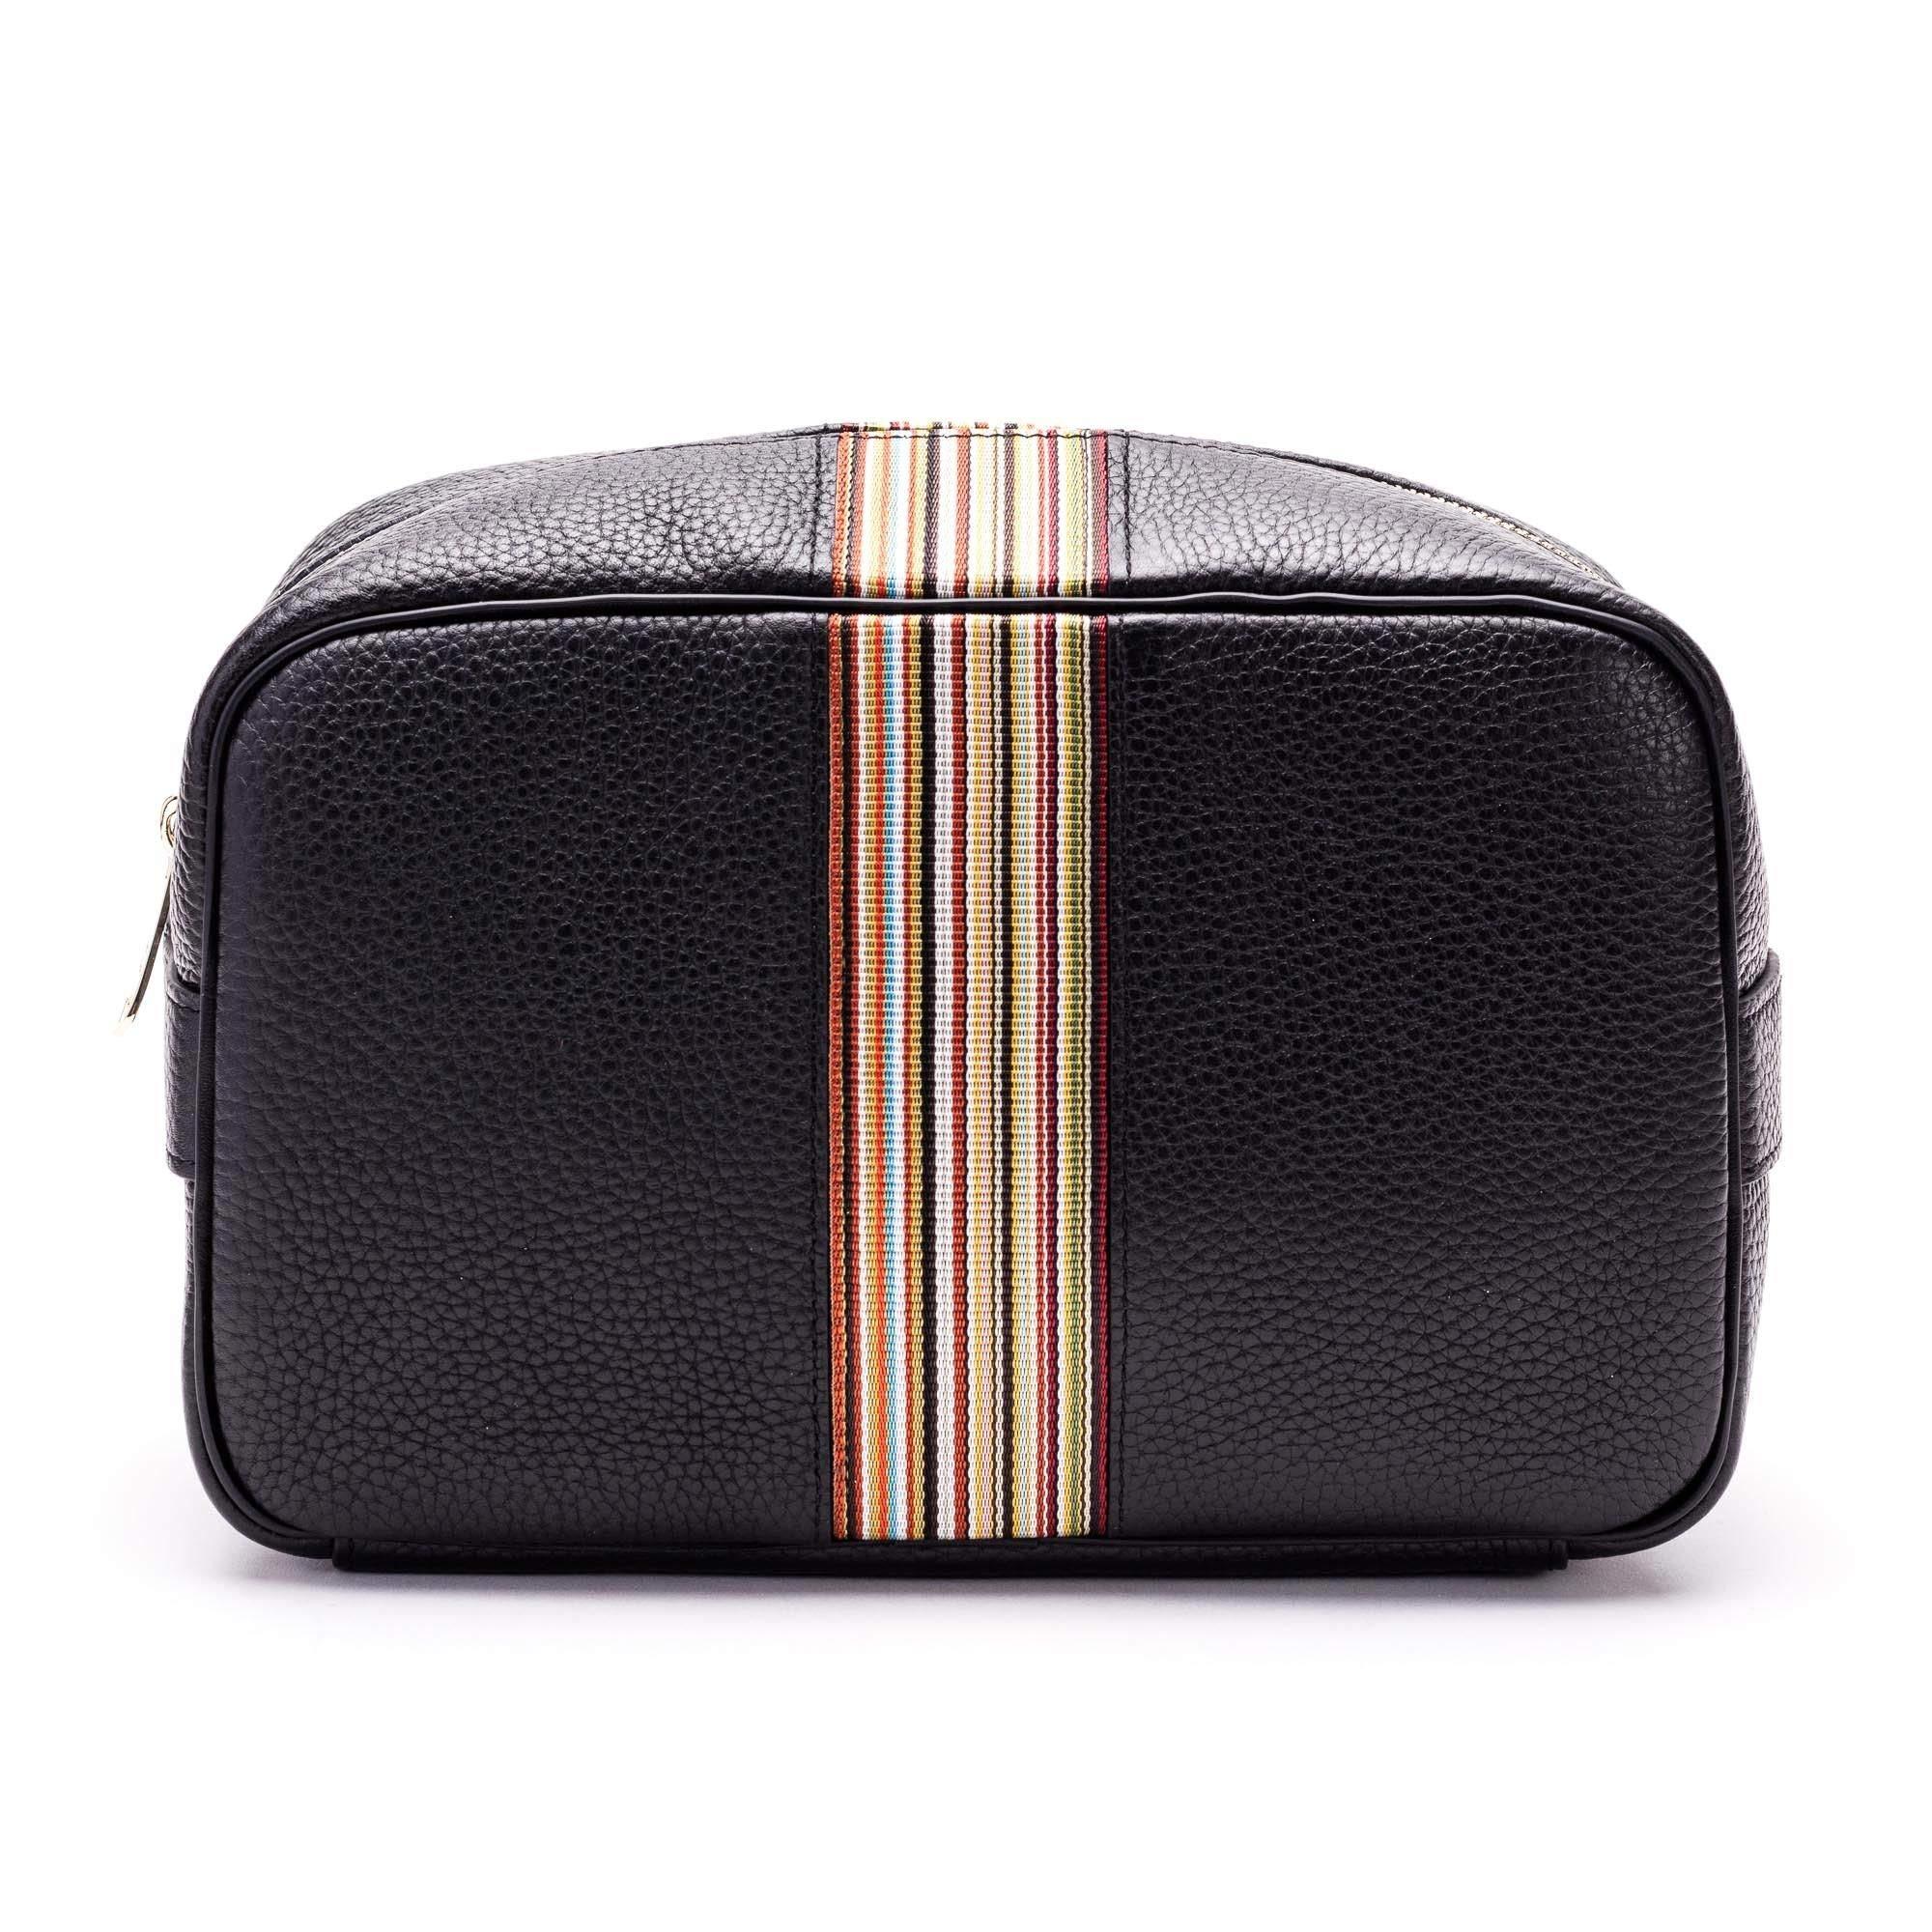 Paul Smith Men's M1a5360a4000979 Black Leather Beauty Case